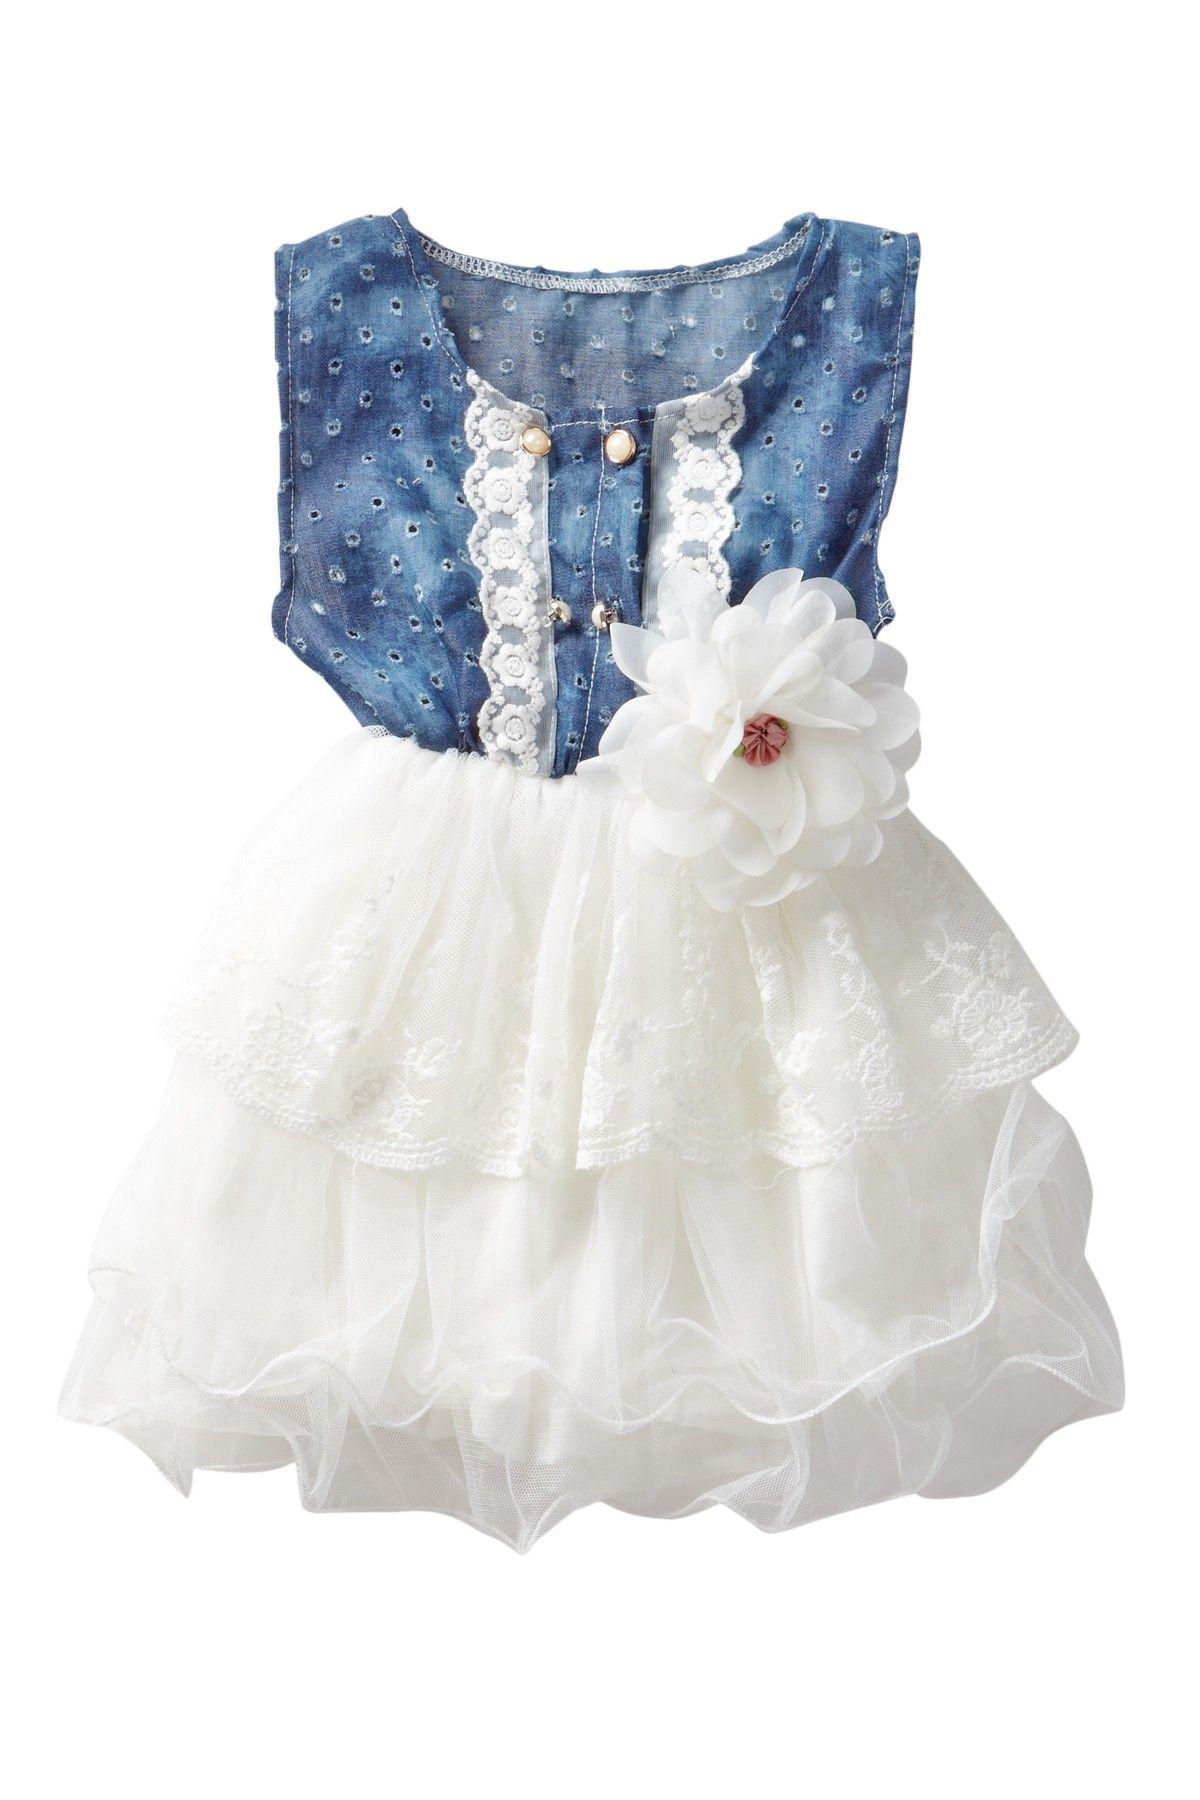 06ccb1ca94 Denim Lace Cutout Tutu Dress